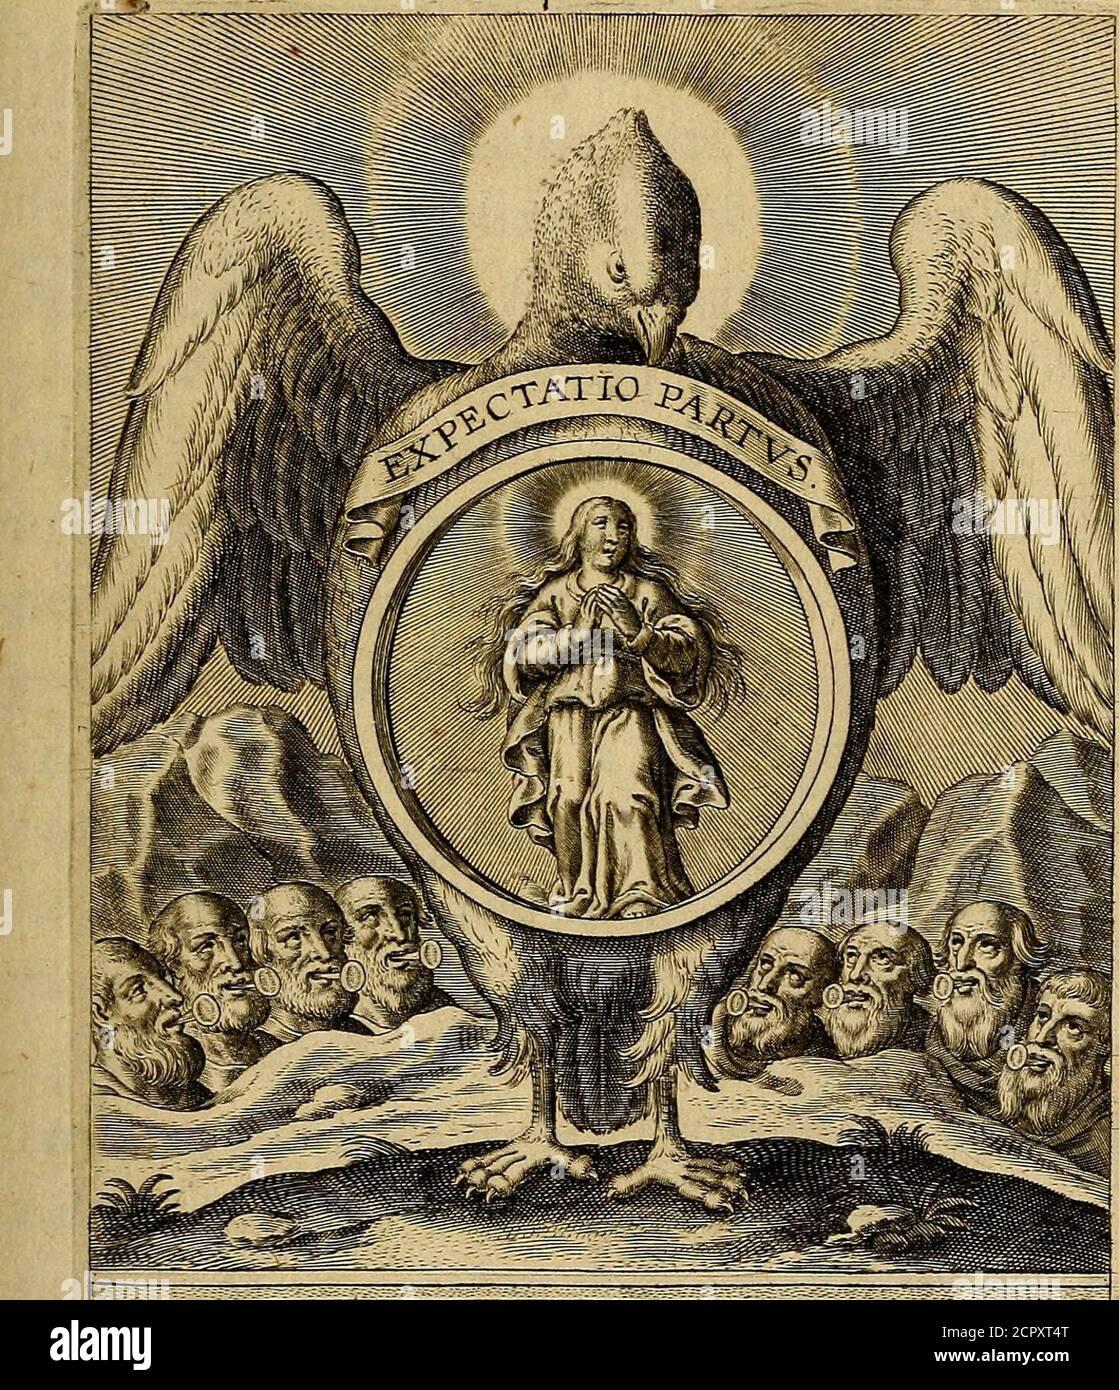 . Sacrum Oratorium piarum imaginum Immaculatae Mariae et animae creatae ac baptismo, poenitentia, et eucharistia innouatae : ars noua bene viuendi et moriendi, sacris piarum imaginum embematis figurata et illustrata . Uorum Vrofhétarumnafnafnafnafnafnafnafnafnafnafnafnafnafnafnafnafnafnafnafnafnafnafnafnafnafnafnafnafnafnafnafnafnafnaf 3 P 3 tri-* ils SACRI ORATORII SEA I. attribue quxfumus fofulis tuis^ qui (efrvinearum pud te no-mine cenfentur & gt; et fegeum > cuius fa-cri Baptifmi virtute benedidta creatura floret, FRU-< 5phipat. Sancta Maria. Asseyez-vous à Tabula Banque D'Images